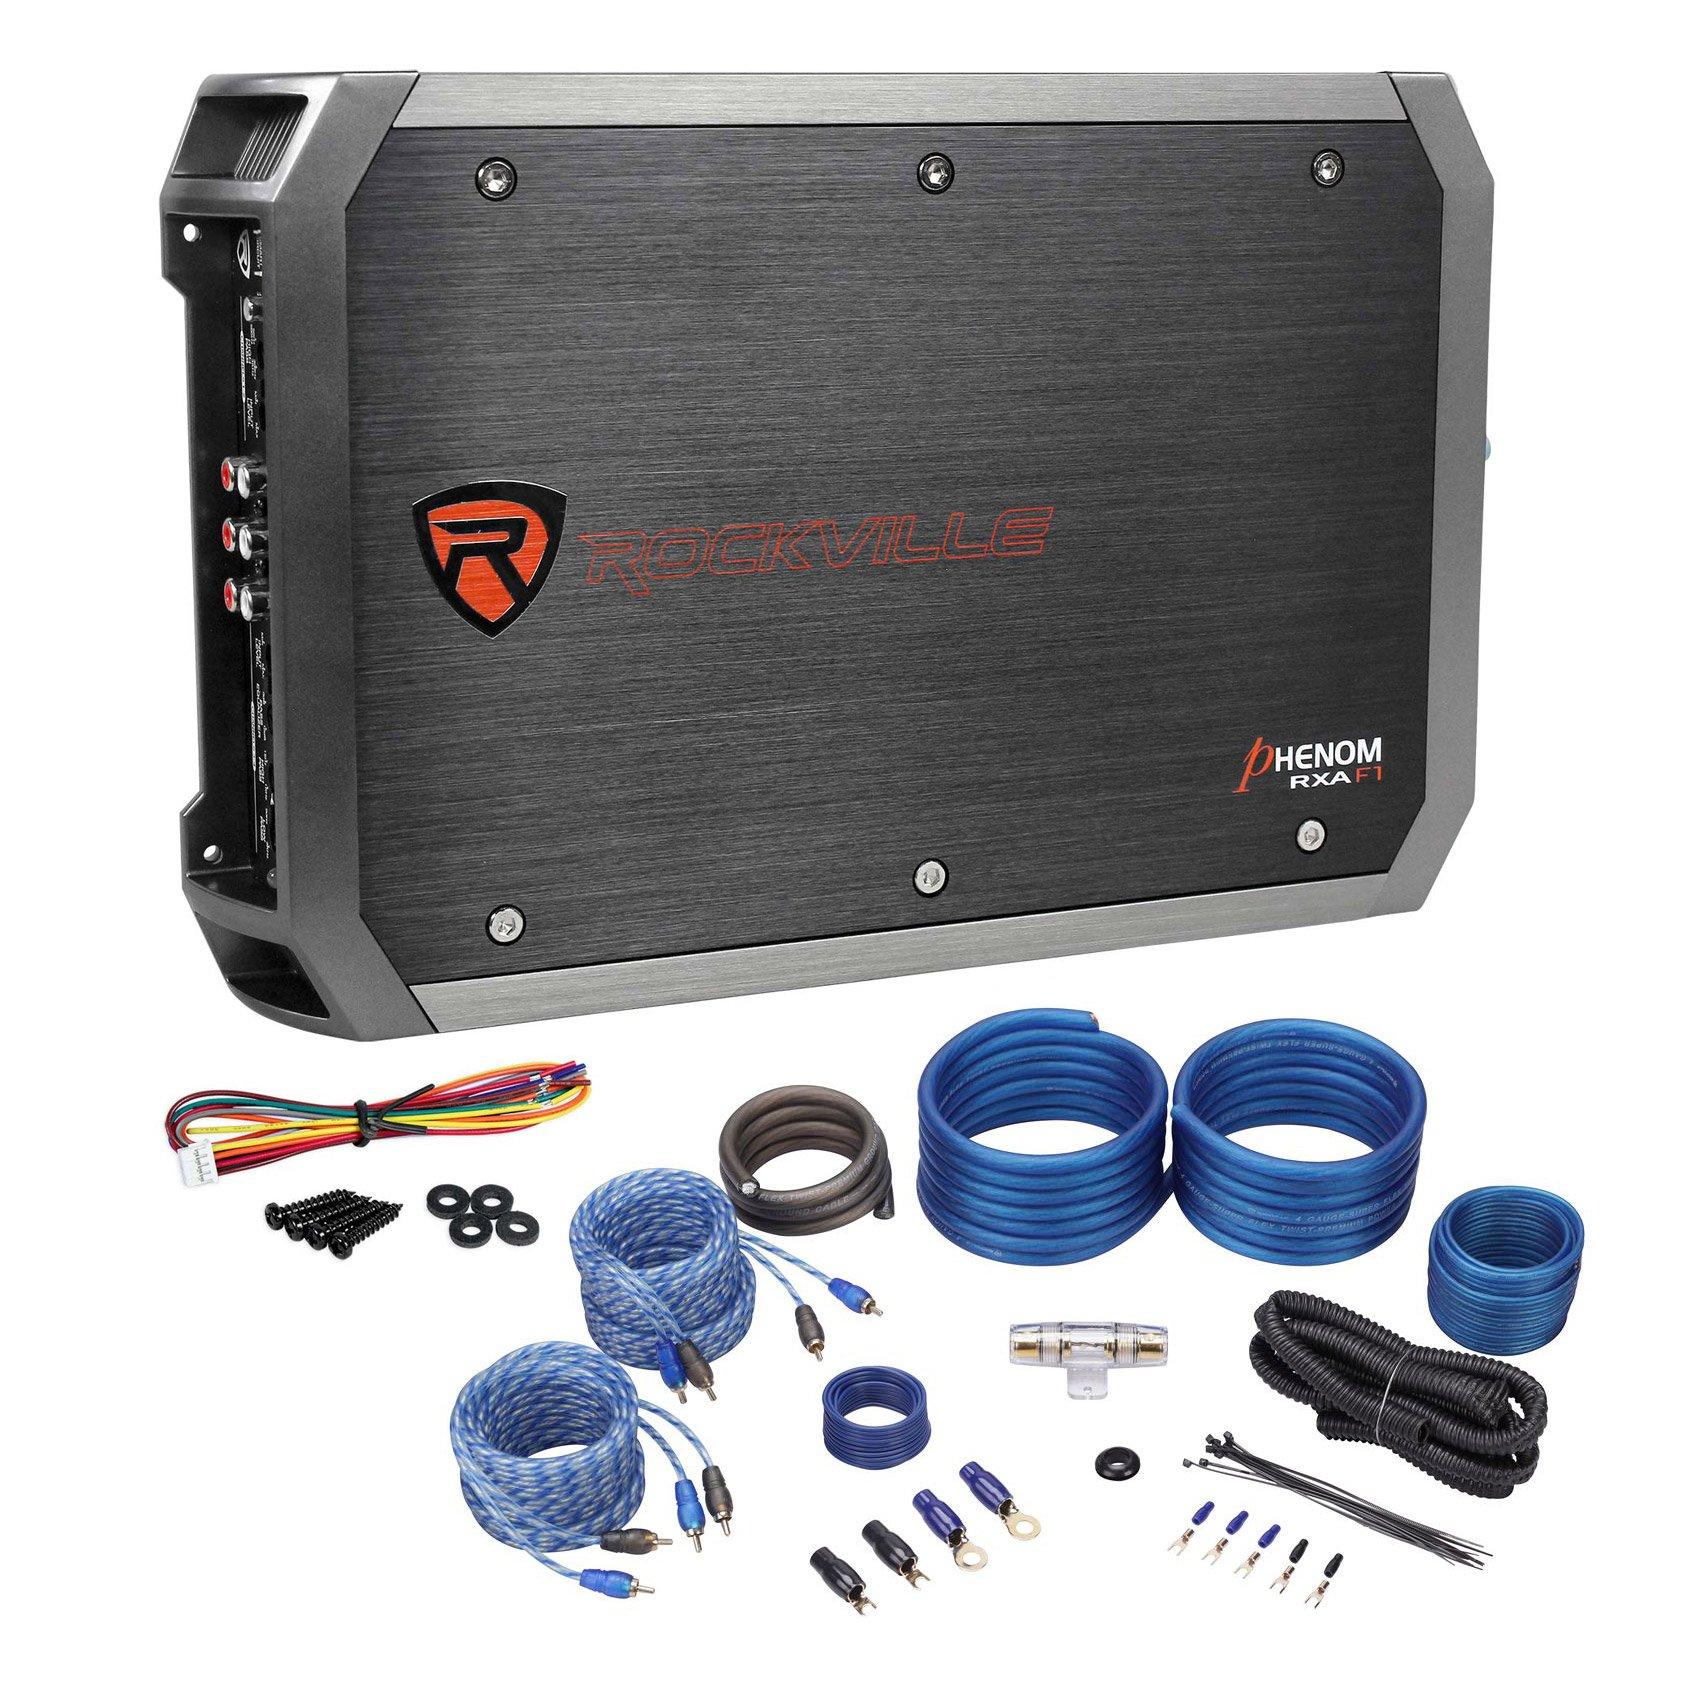 Rockville RXA F1 Channel Stereo Amplifier